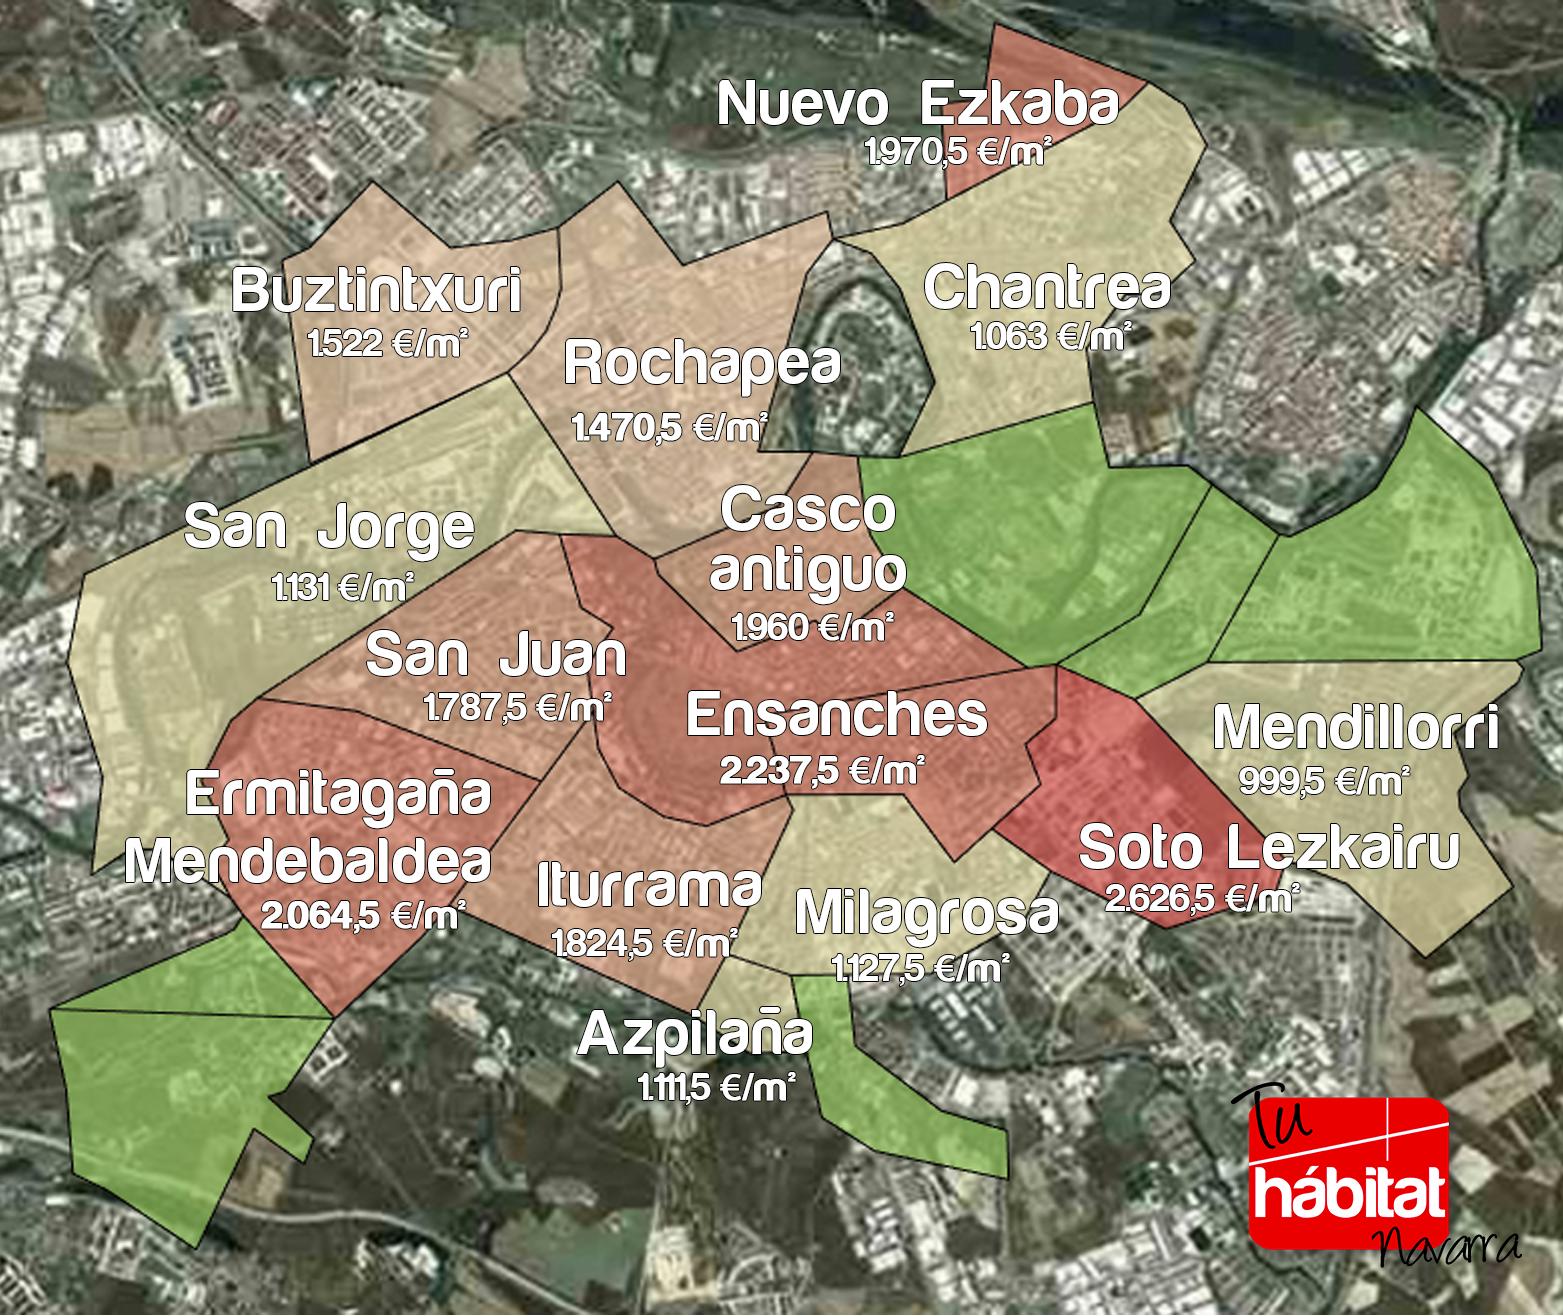 barrios-mapa-precio-metro-cuadrado-4-trimestre-2017.png